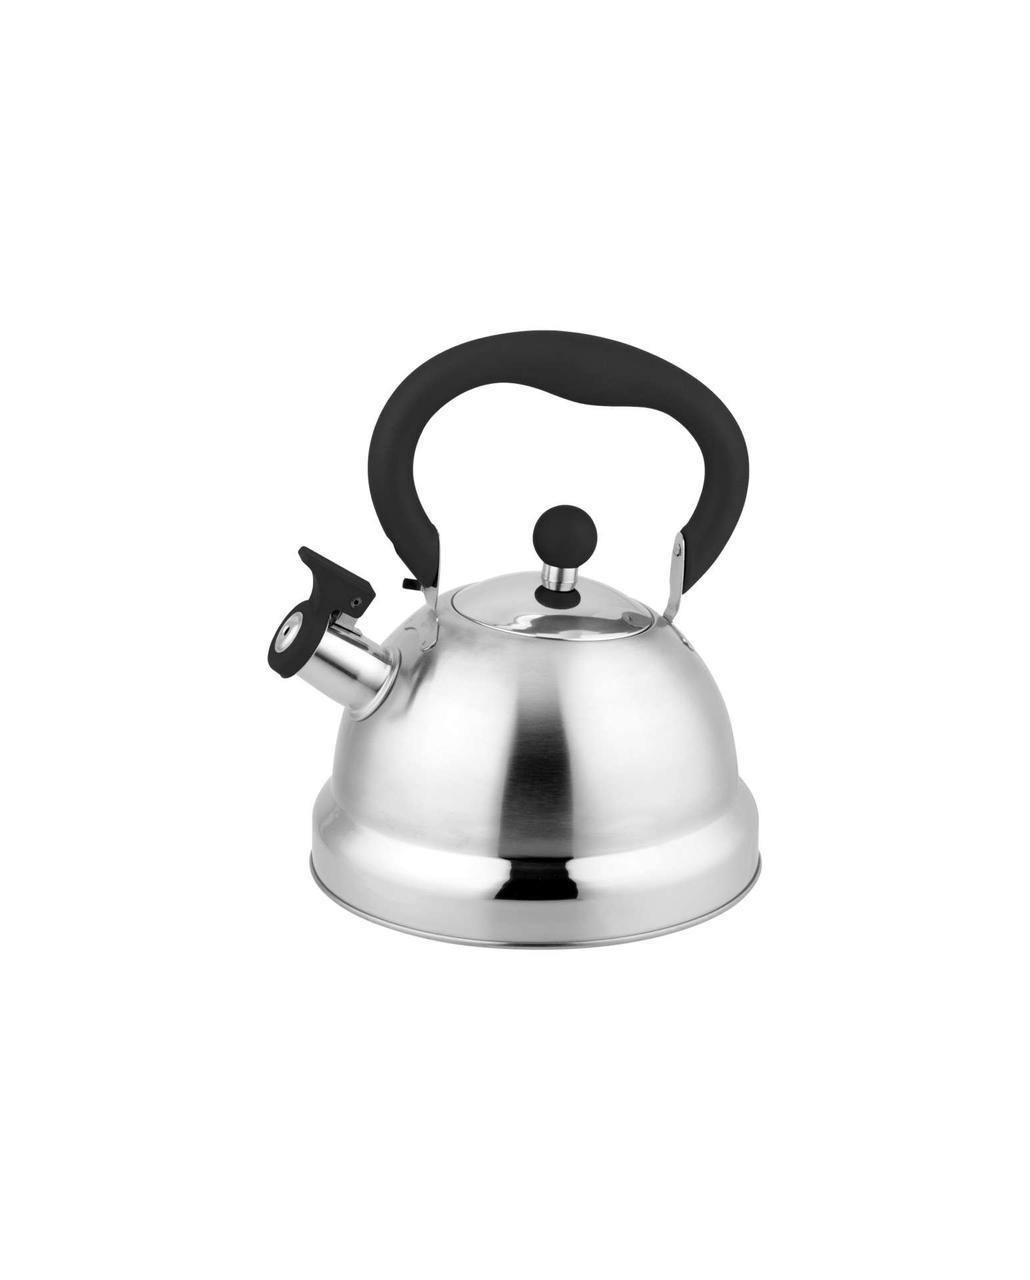 Чайник со свистком из нержавеющей стали Con Brio CB-411 | металлический чайник Con Brio черный